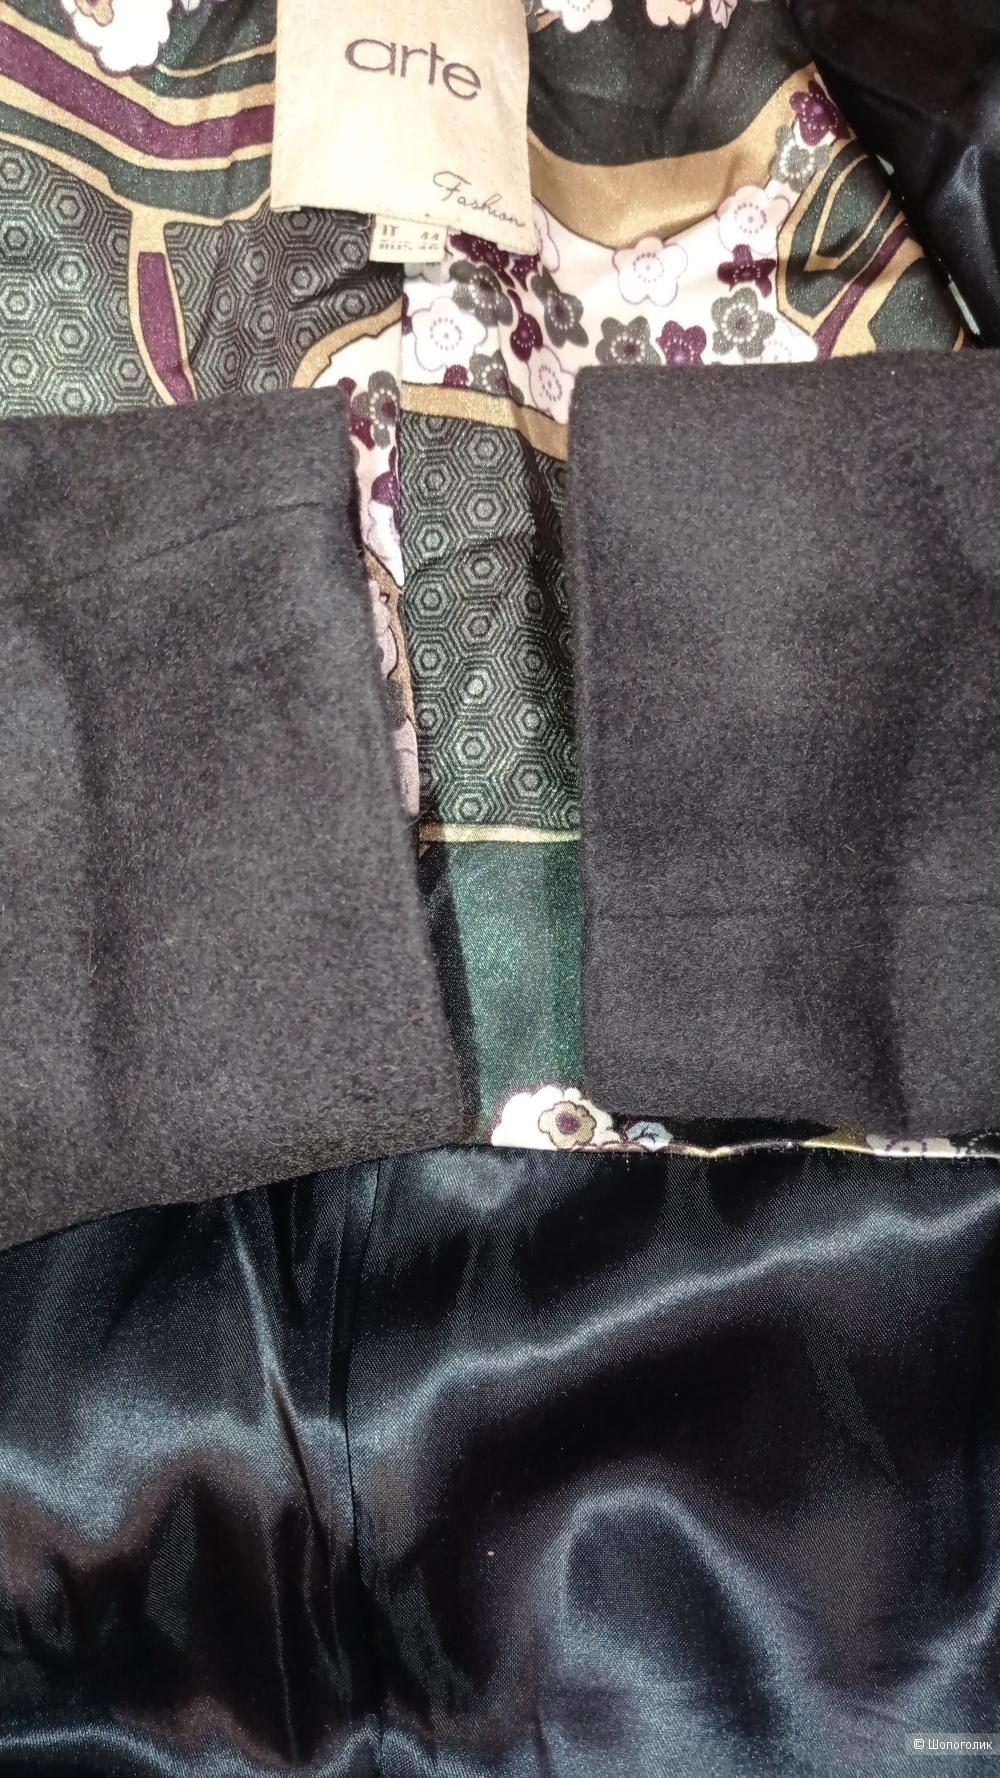 Пальто Arte 46 размер